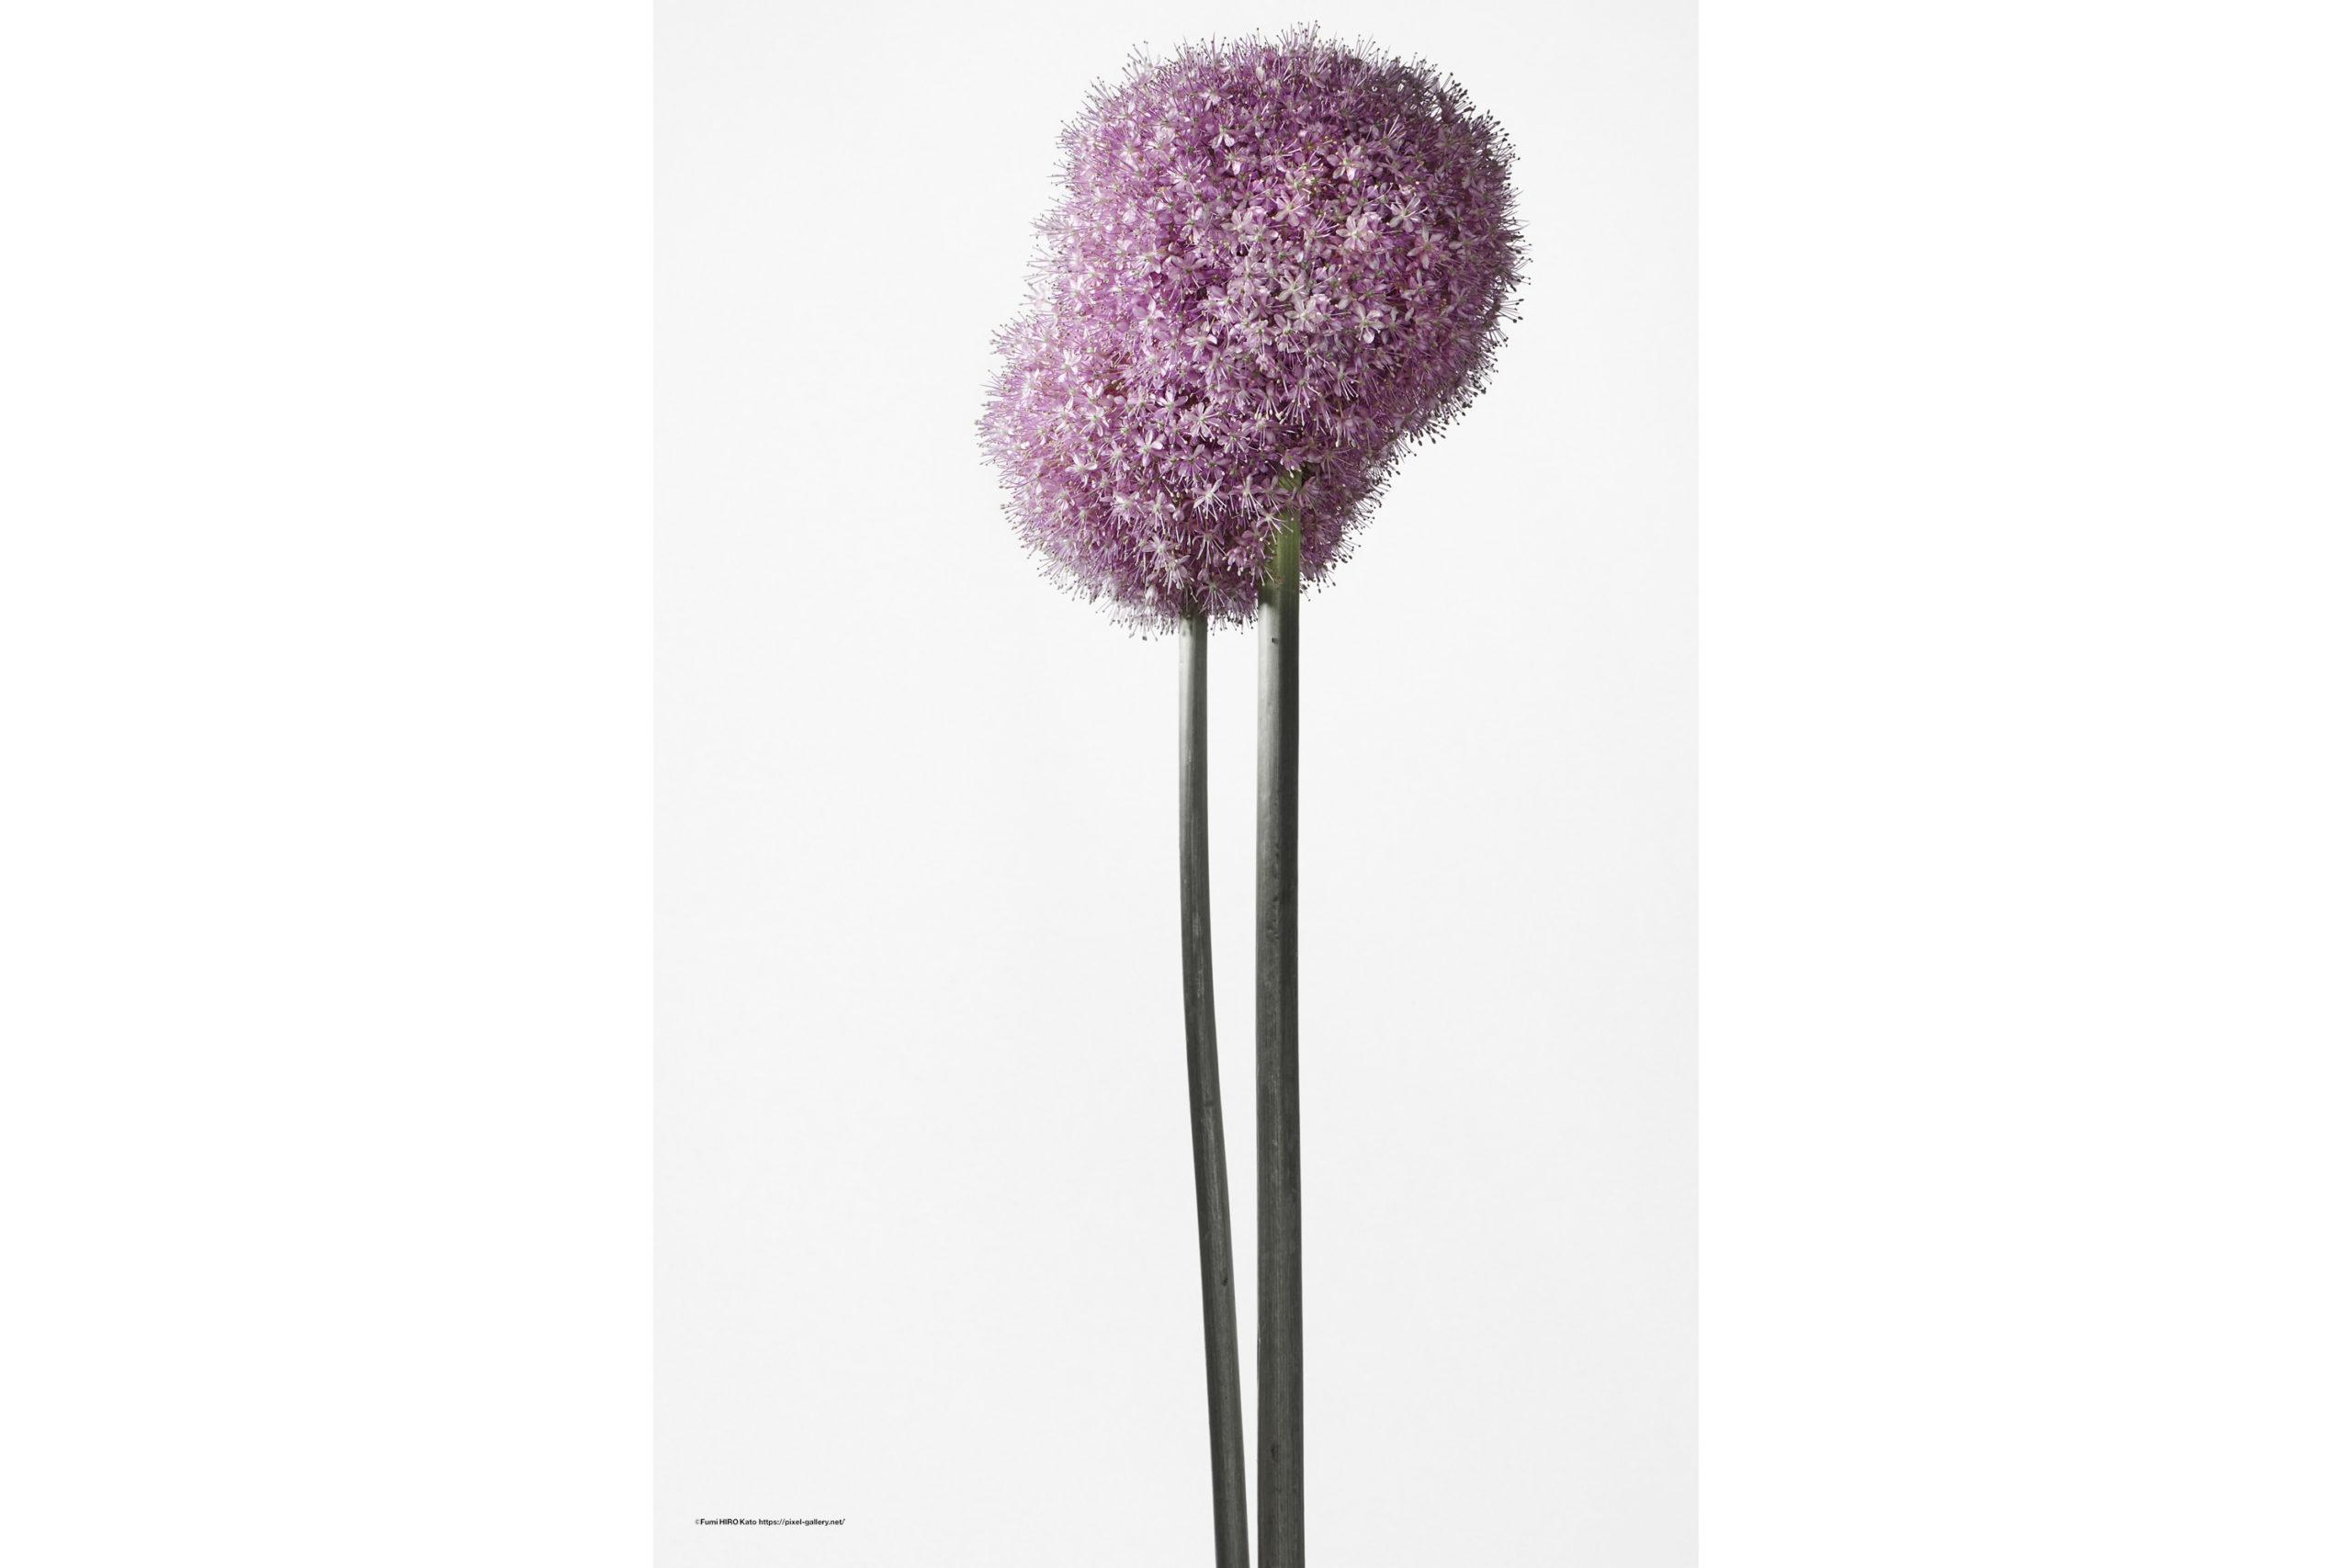 ハナ 2020-025 Allium #2